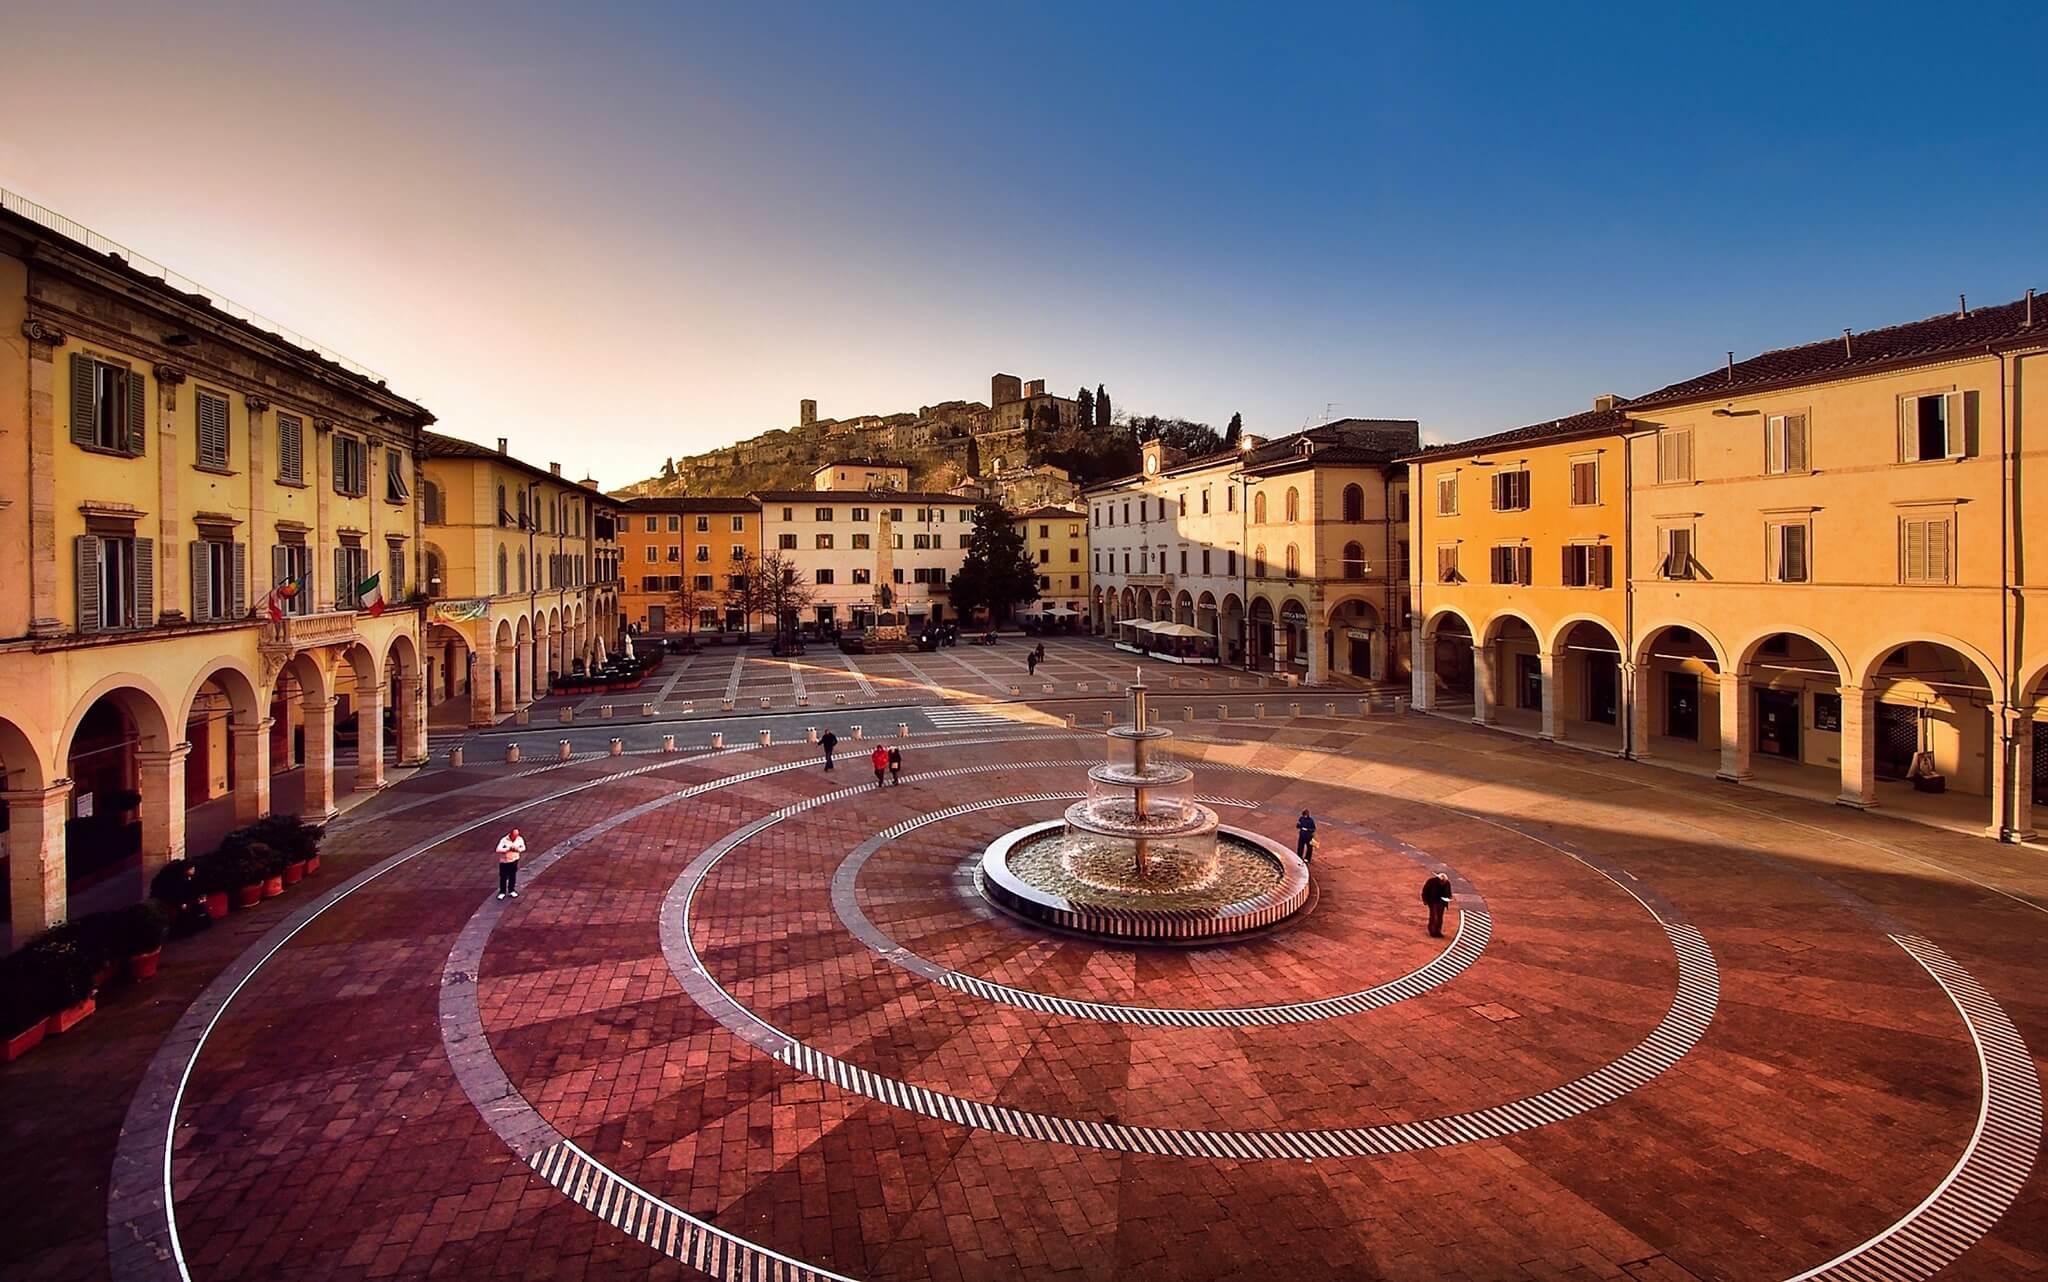 ColleVE_PiazzaArnolfo (2)